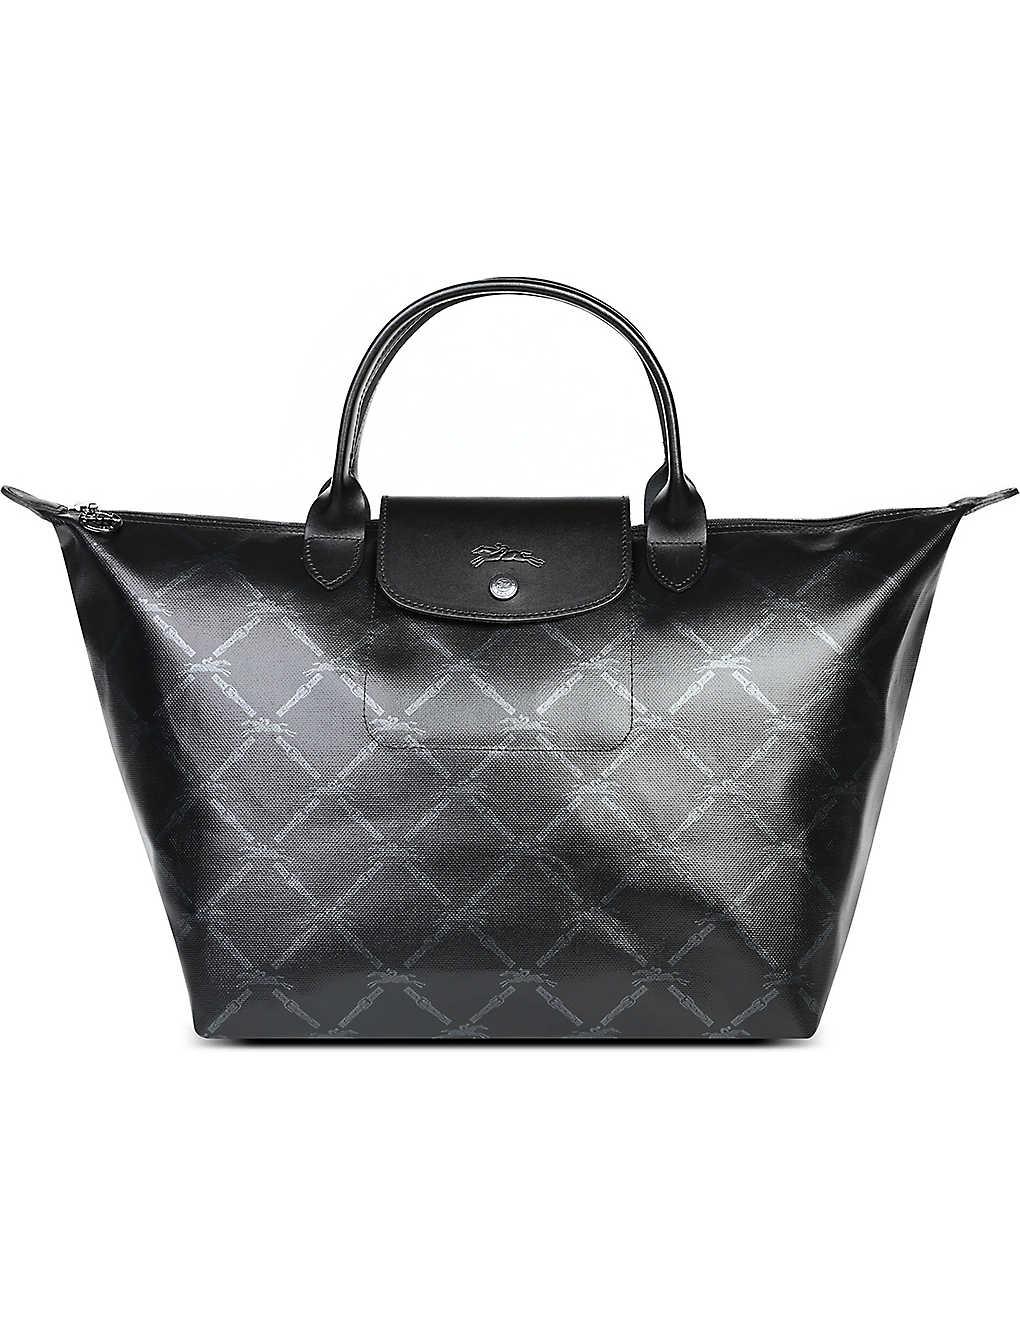 LONGCHAMP - LM Metal medium handbag  12967752b94d4